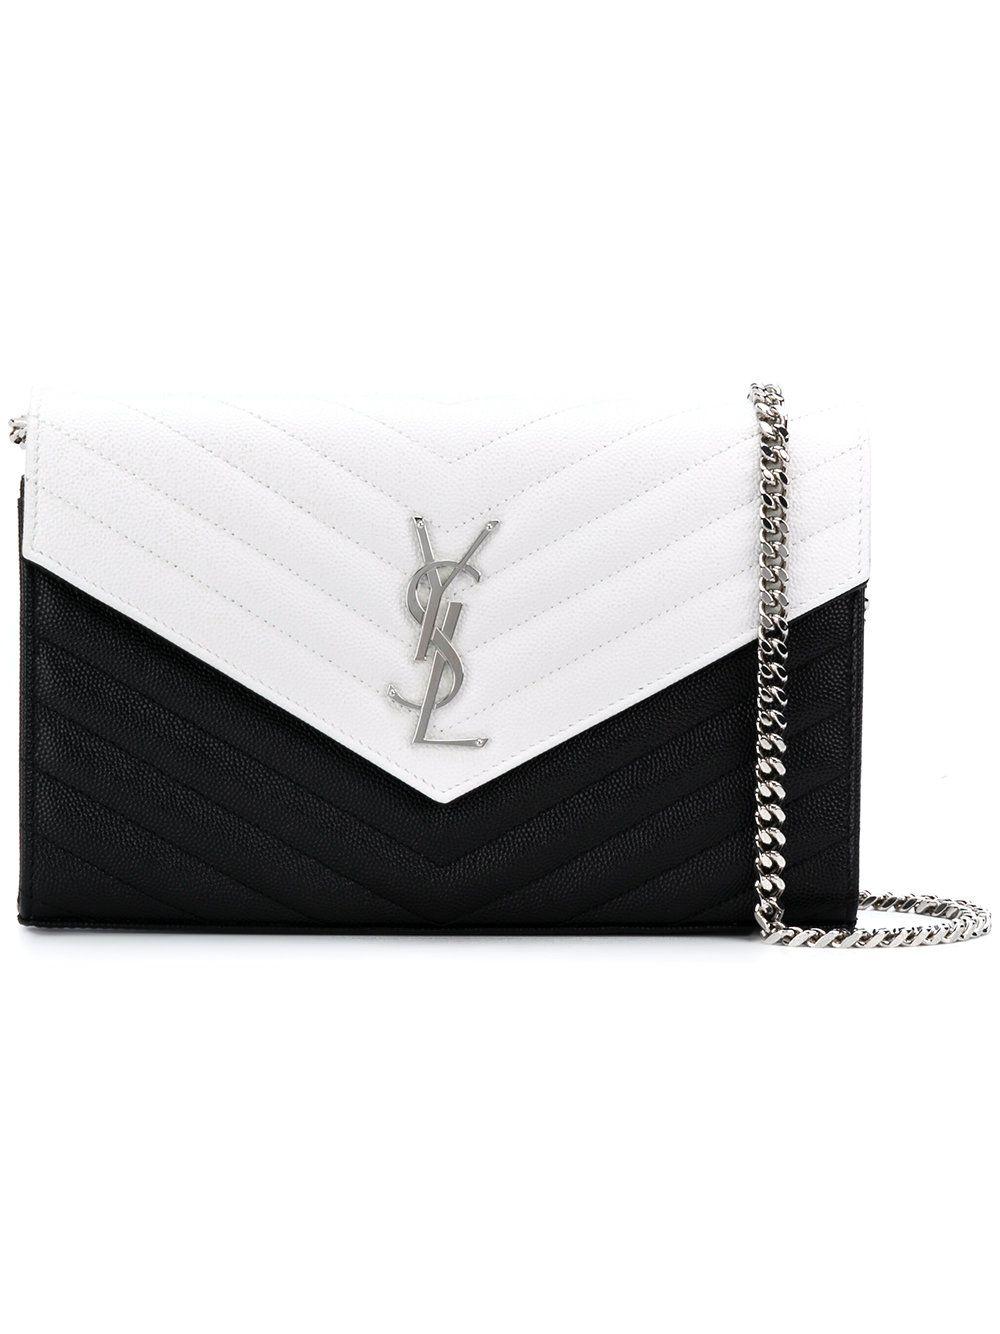 Saint Laurent bicolour monogram chain wallet Buy Cheap Release Dates Sale Sale Online 100% Authentic Really avGzX2